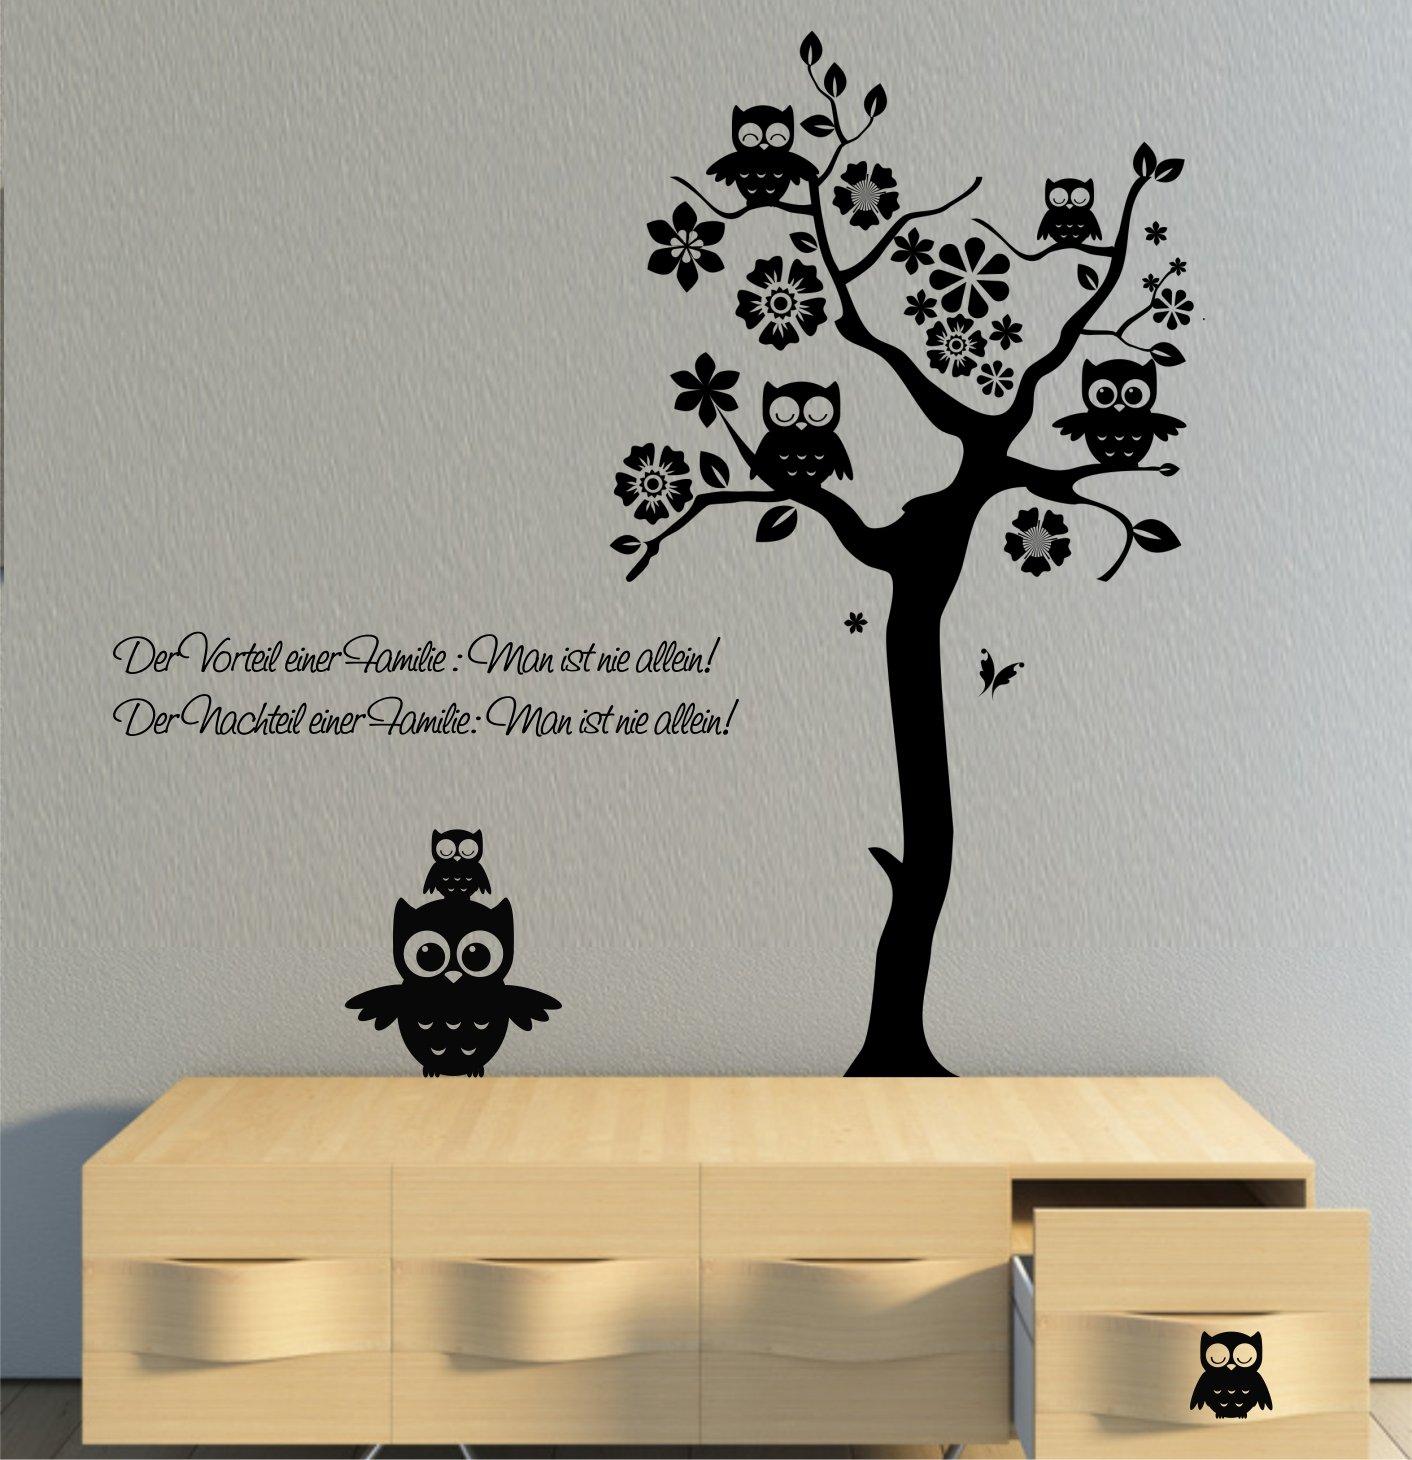 Greenluup ökologisches Wandtattoo Eulen Baum Spruch Familie Ast Zweig  Blüten Schmetterlinge: Amazon.de: Küche U0026 Haushalt